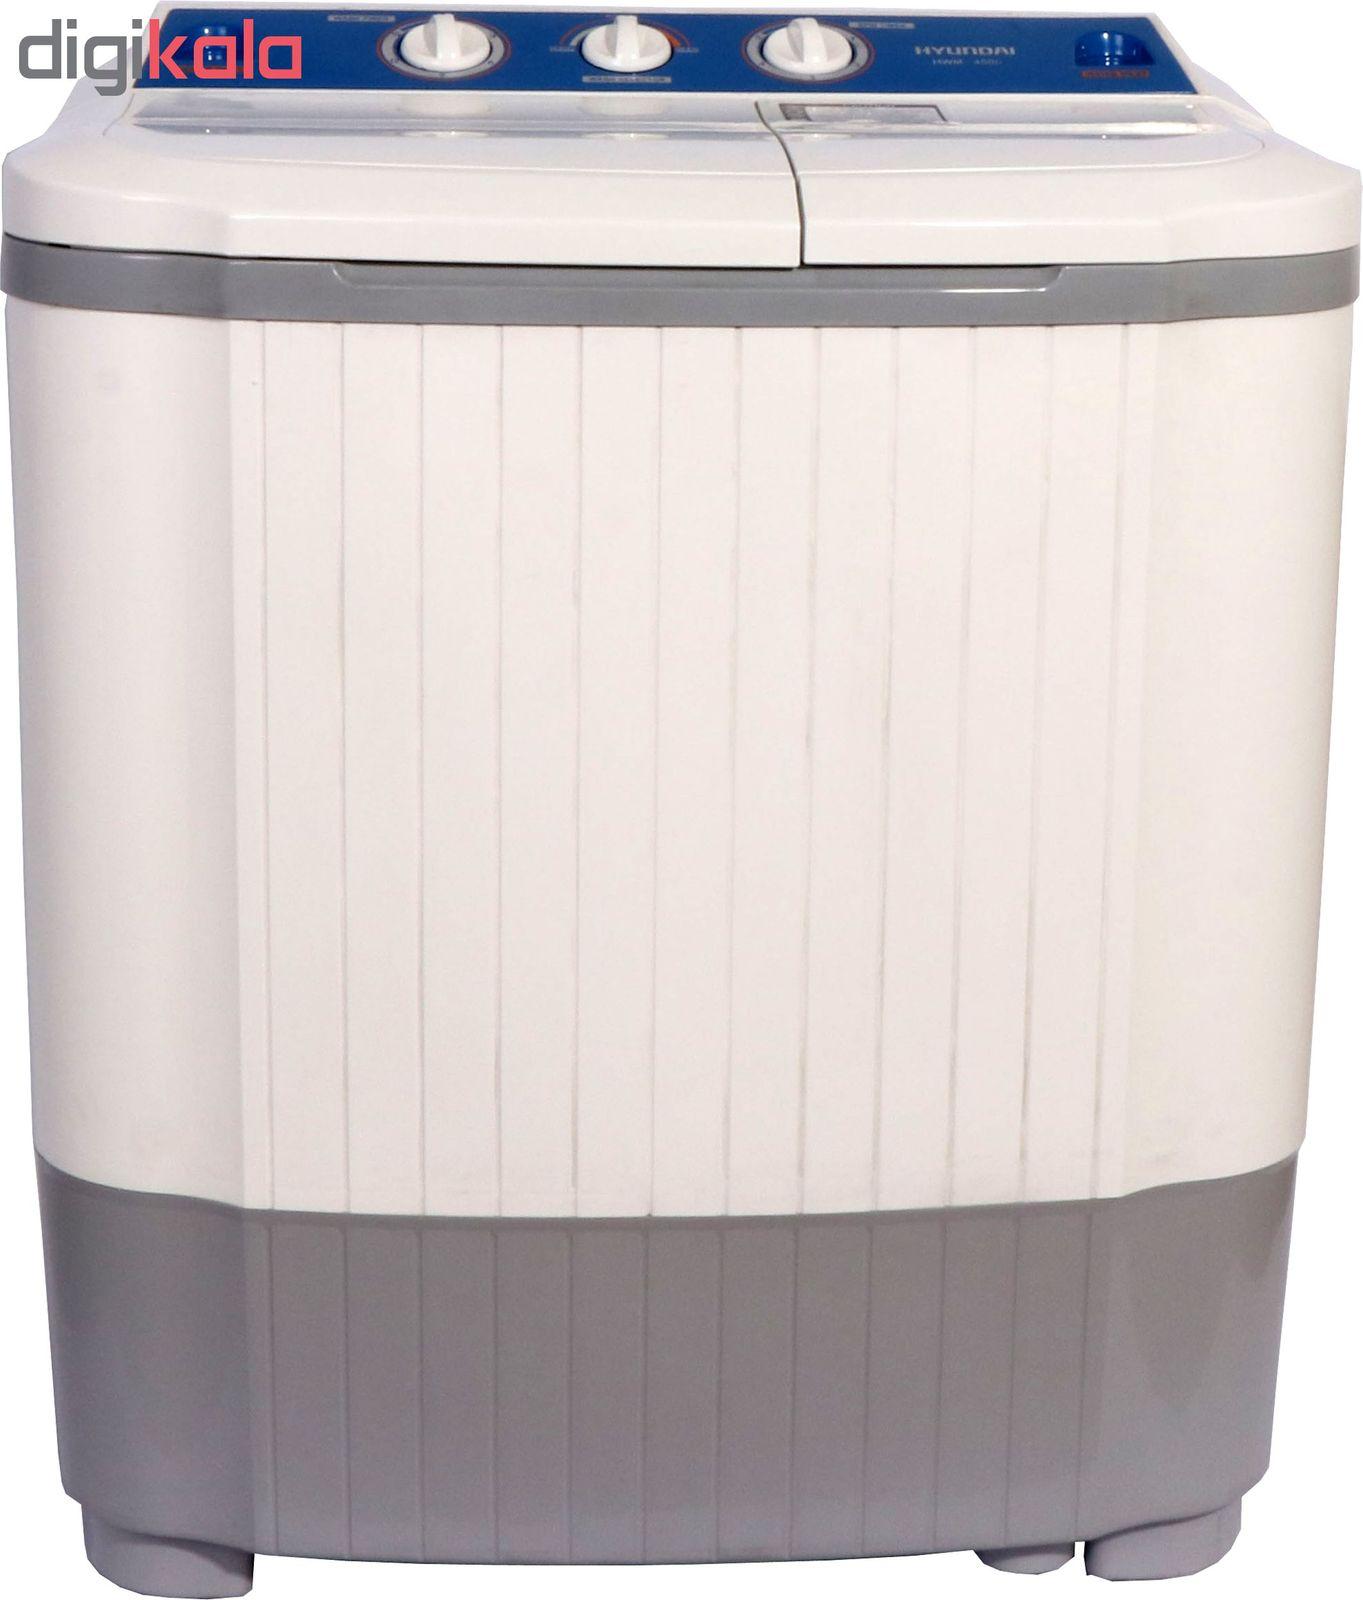 ماشین لباسشویی هیوندای مدل HWM-4500 ظرفیت 4.5 کیلوگرم main 1 5